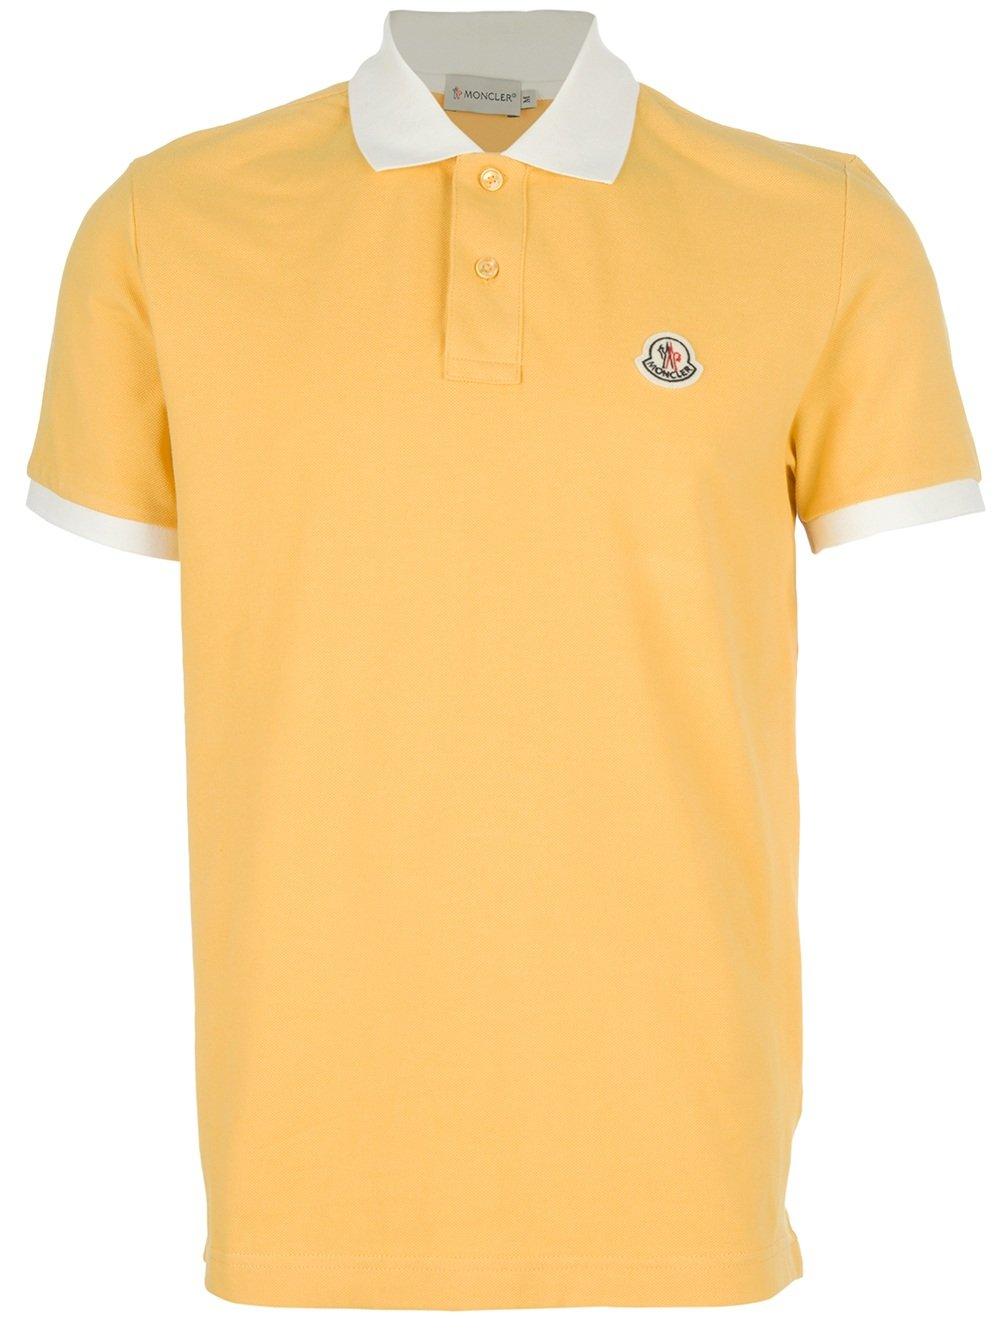 moncler yellow polo